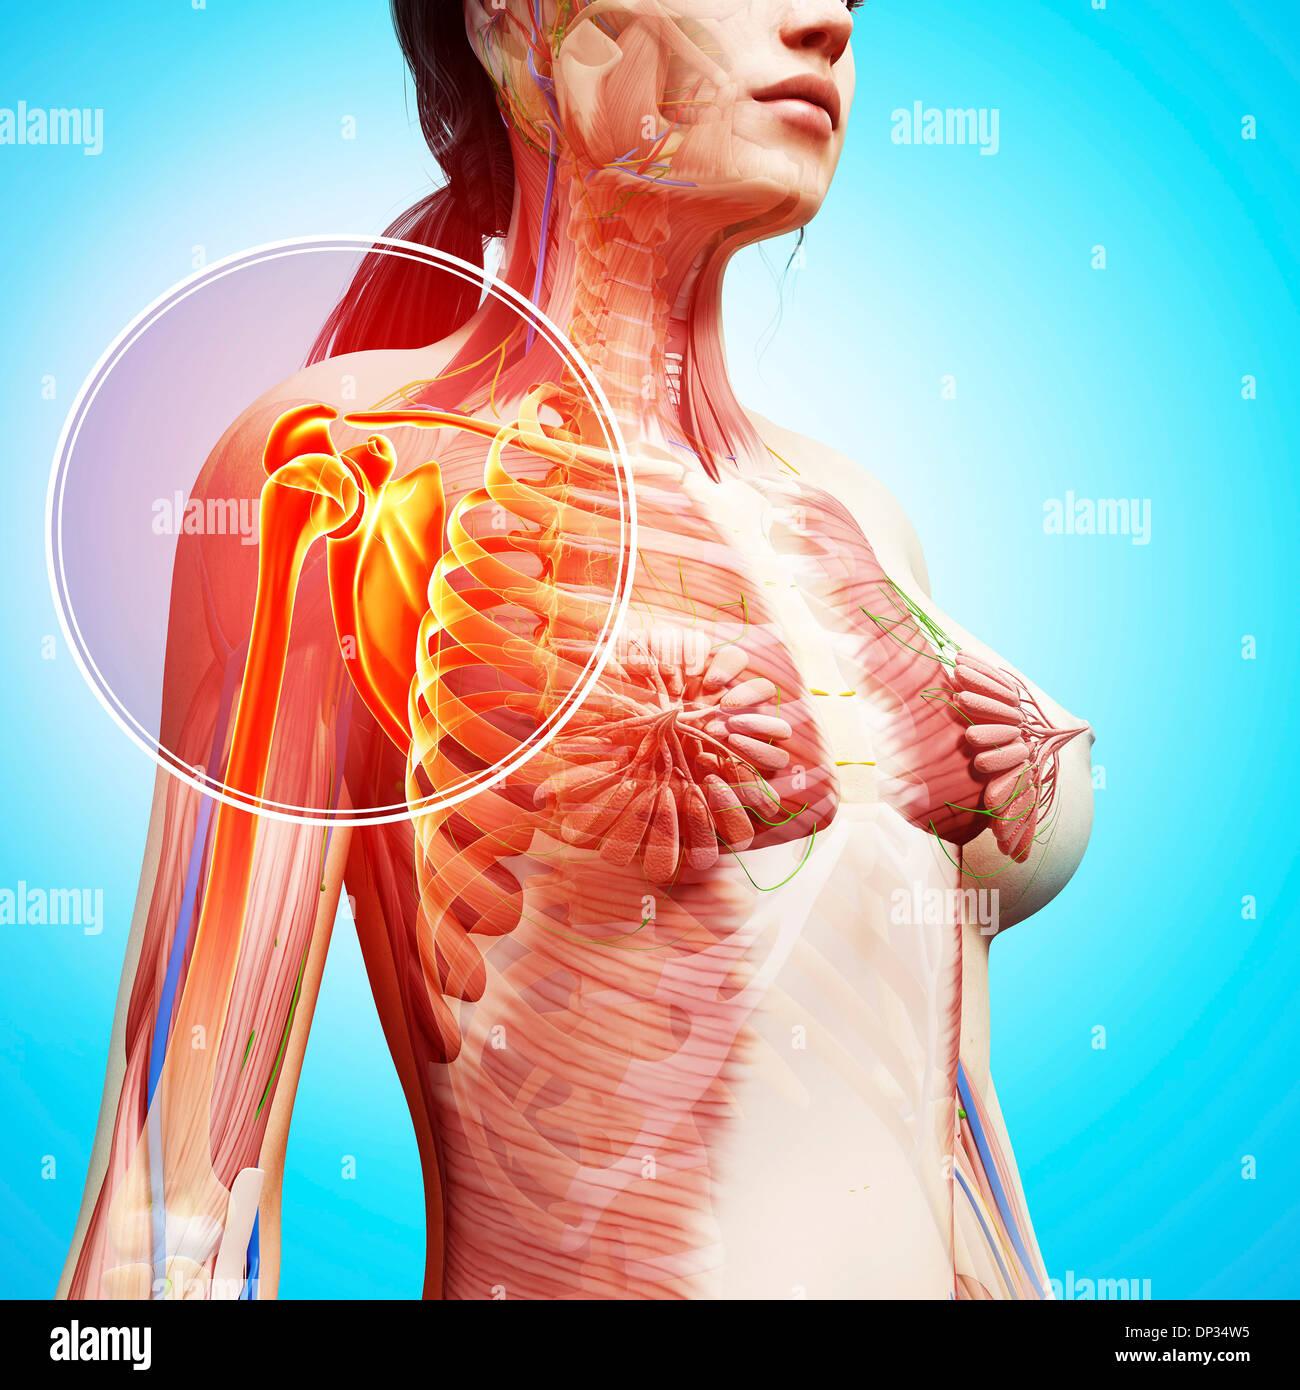 Único Anatomía Kenny Easterday Embellecimiento - Imágenes de ...